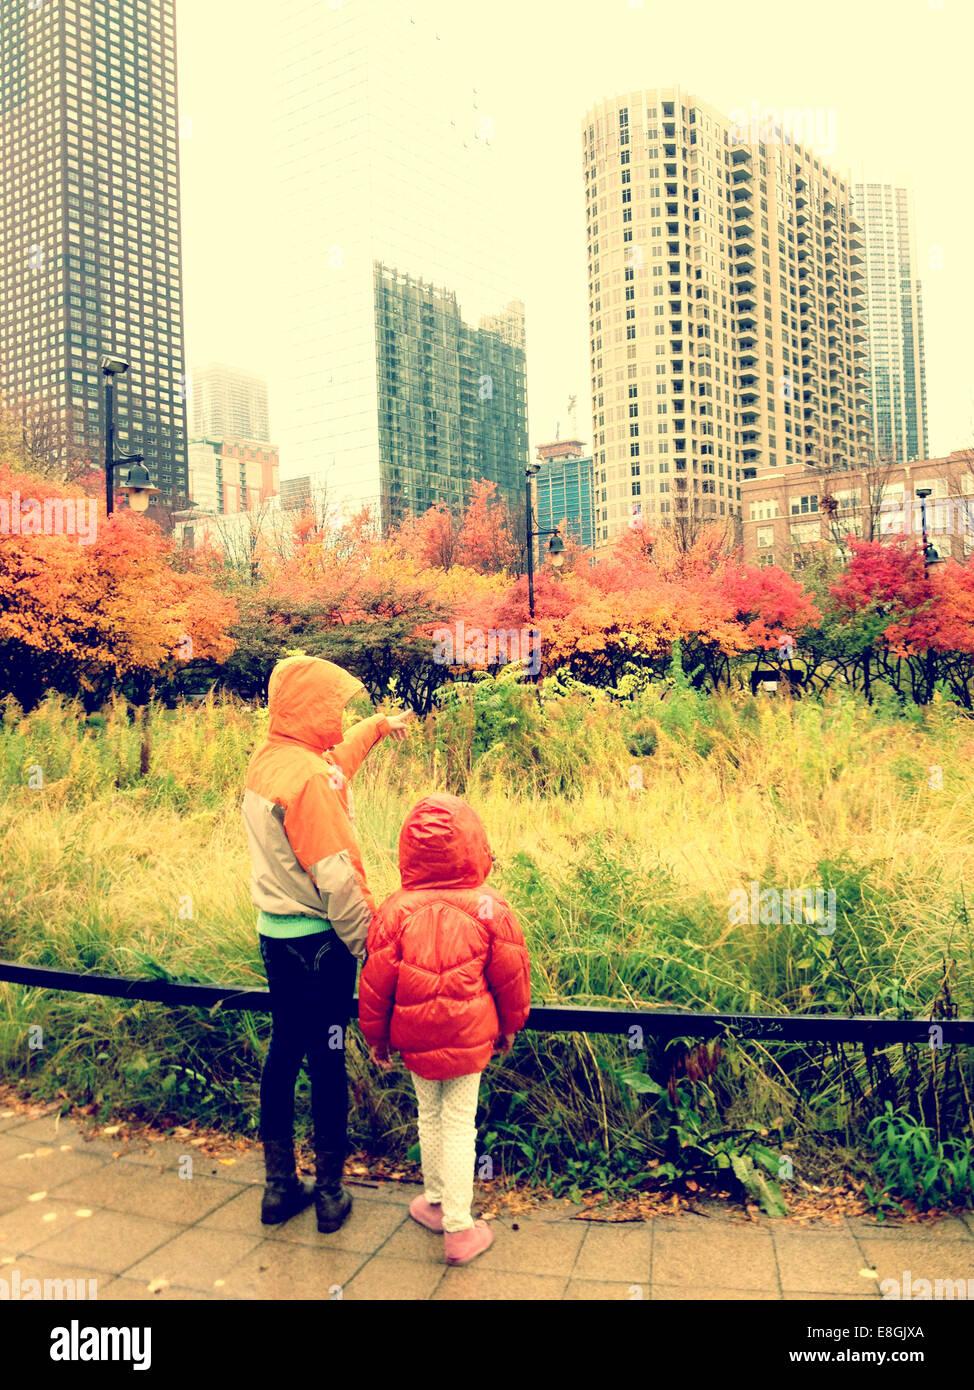 Vista posteriore di due sorelle in piedi nel parco, Chicago, Illinois, America, STATI UNITI D'AMERICA Immagini Stock